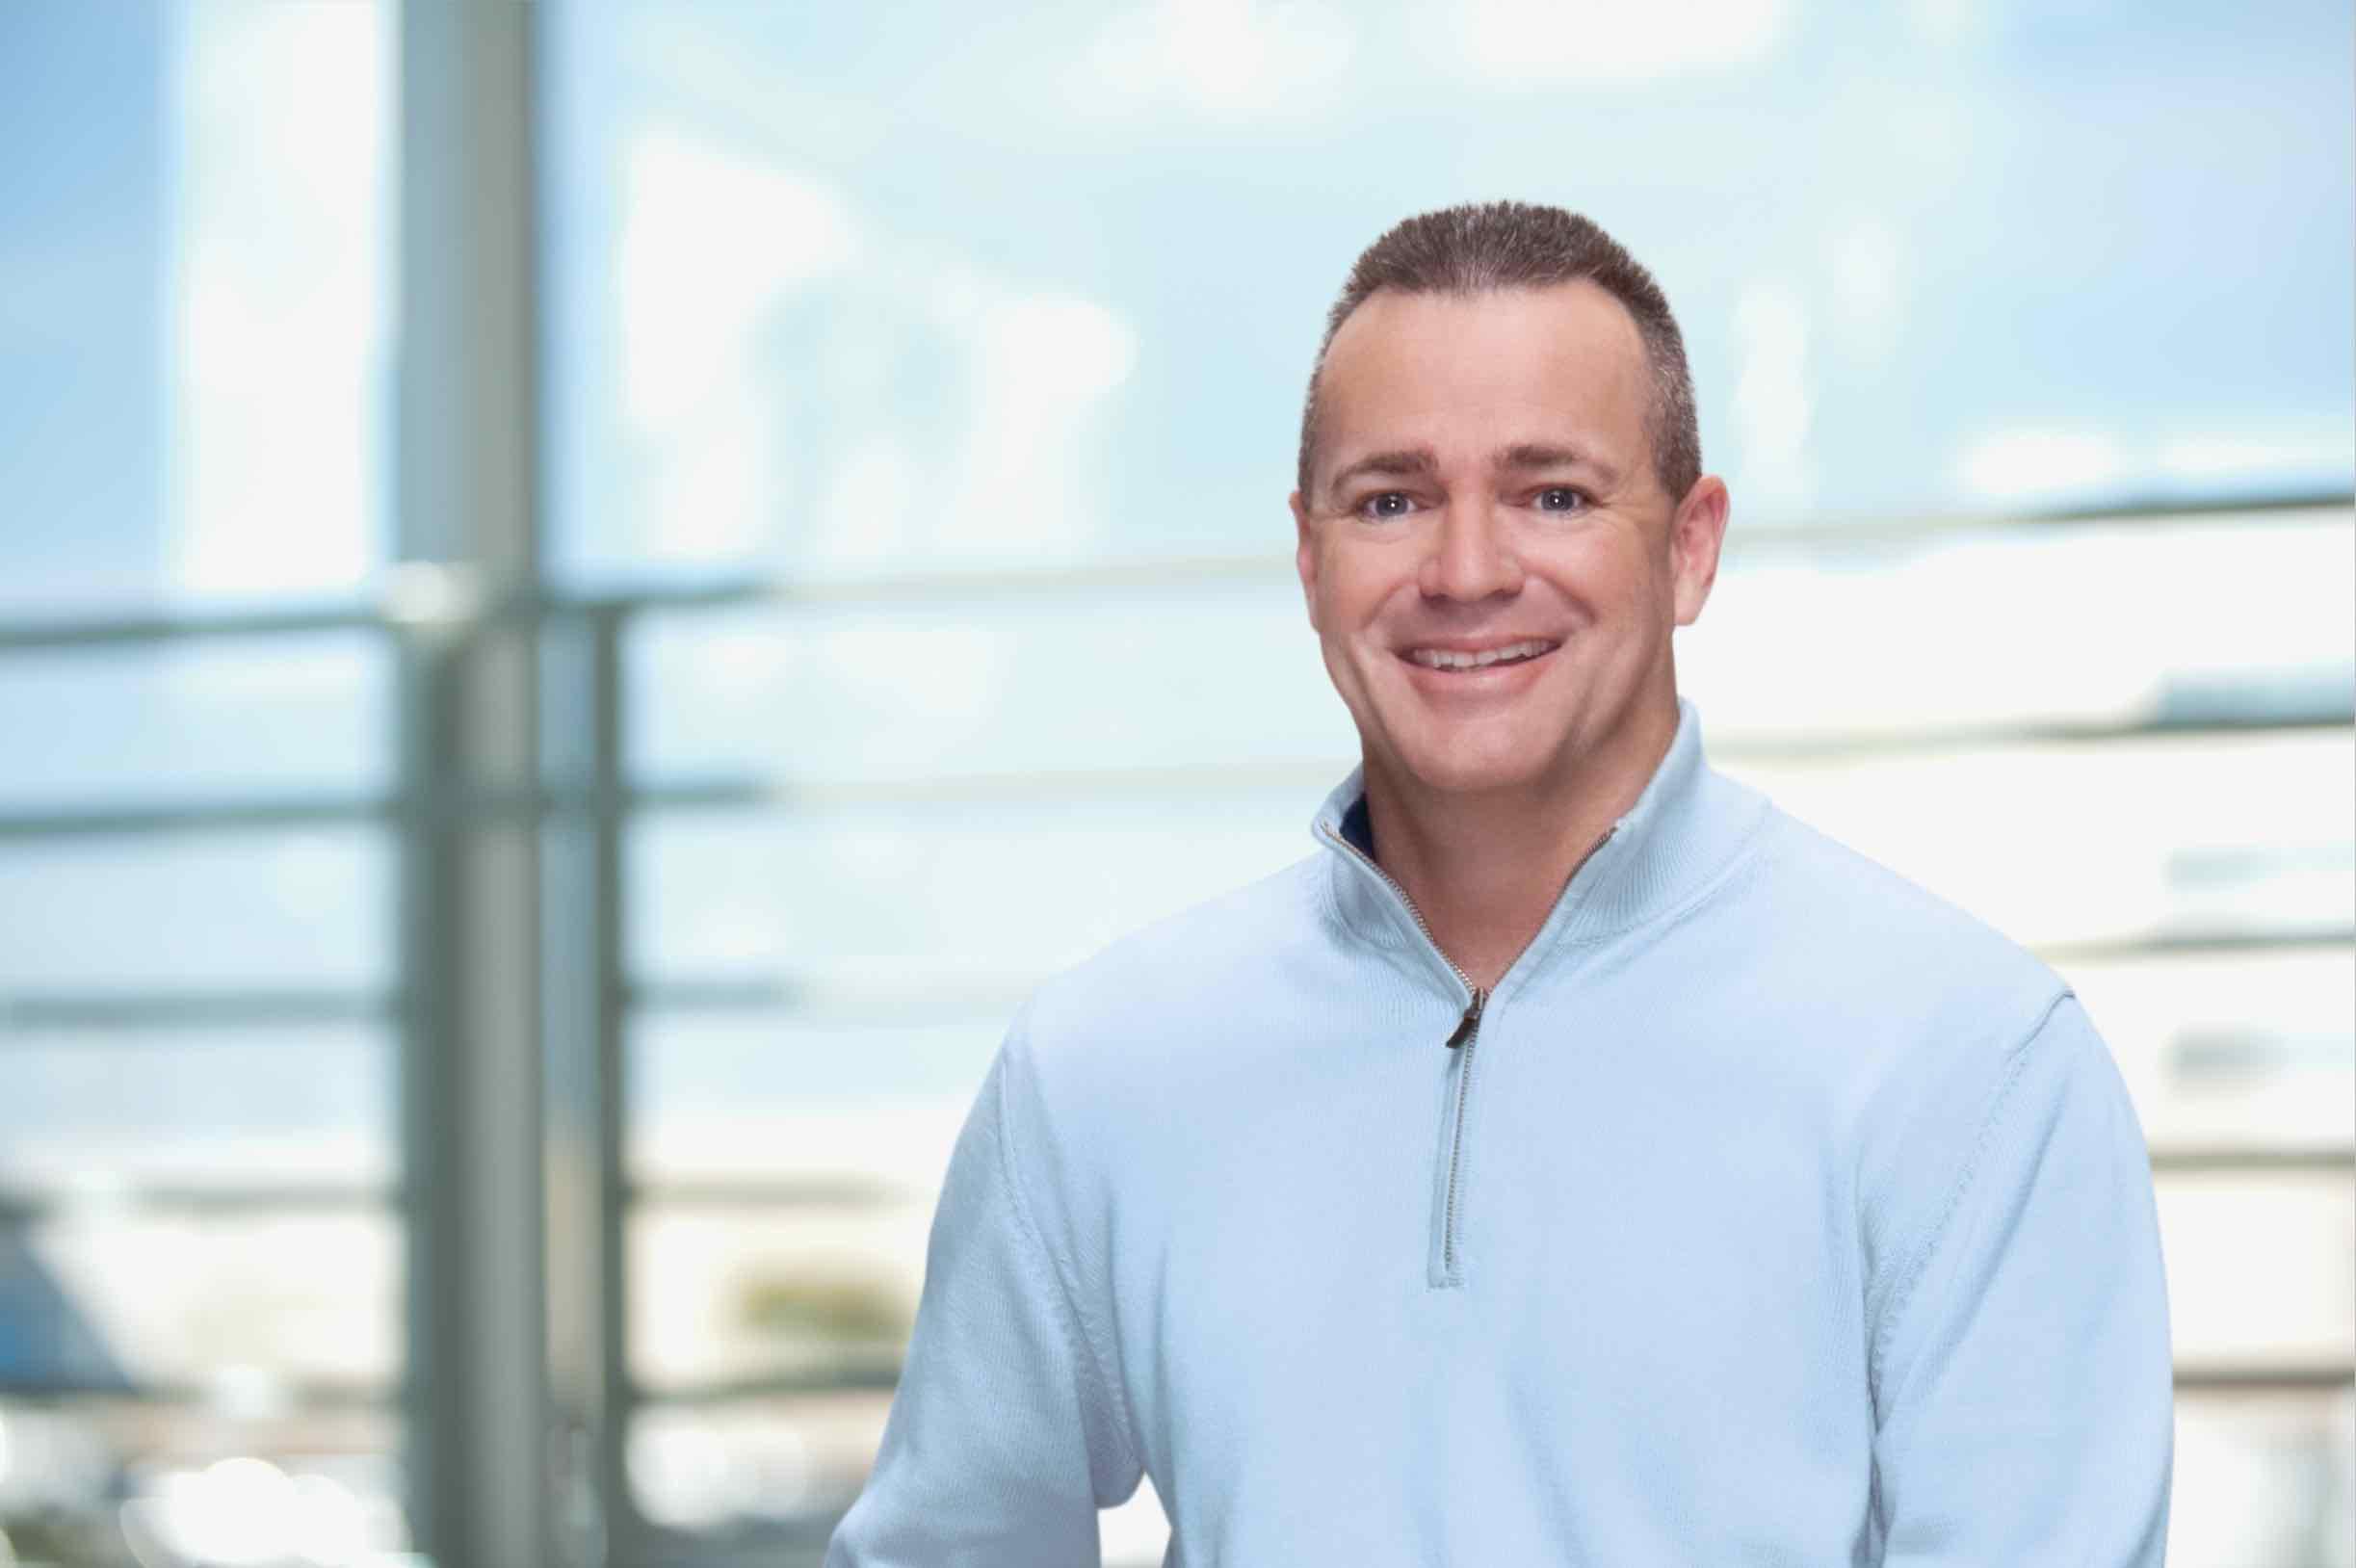 Jeff Clarke, Dell : Organizaţiile trebuie să transforme datele în informaţii relevante de afaceri